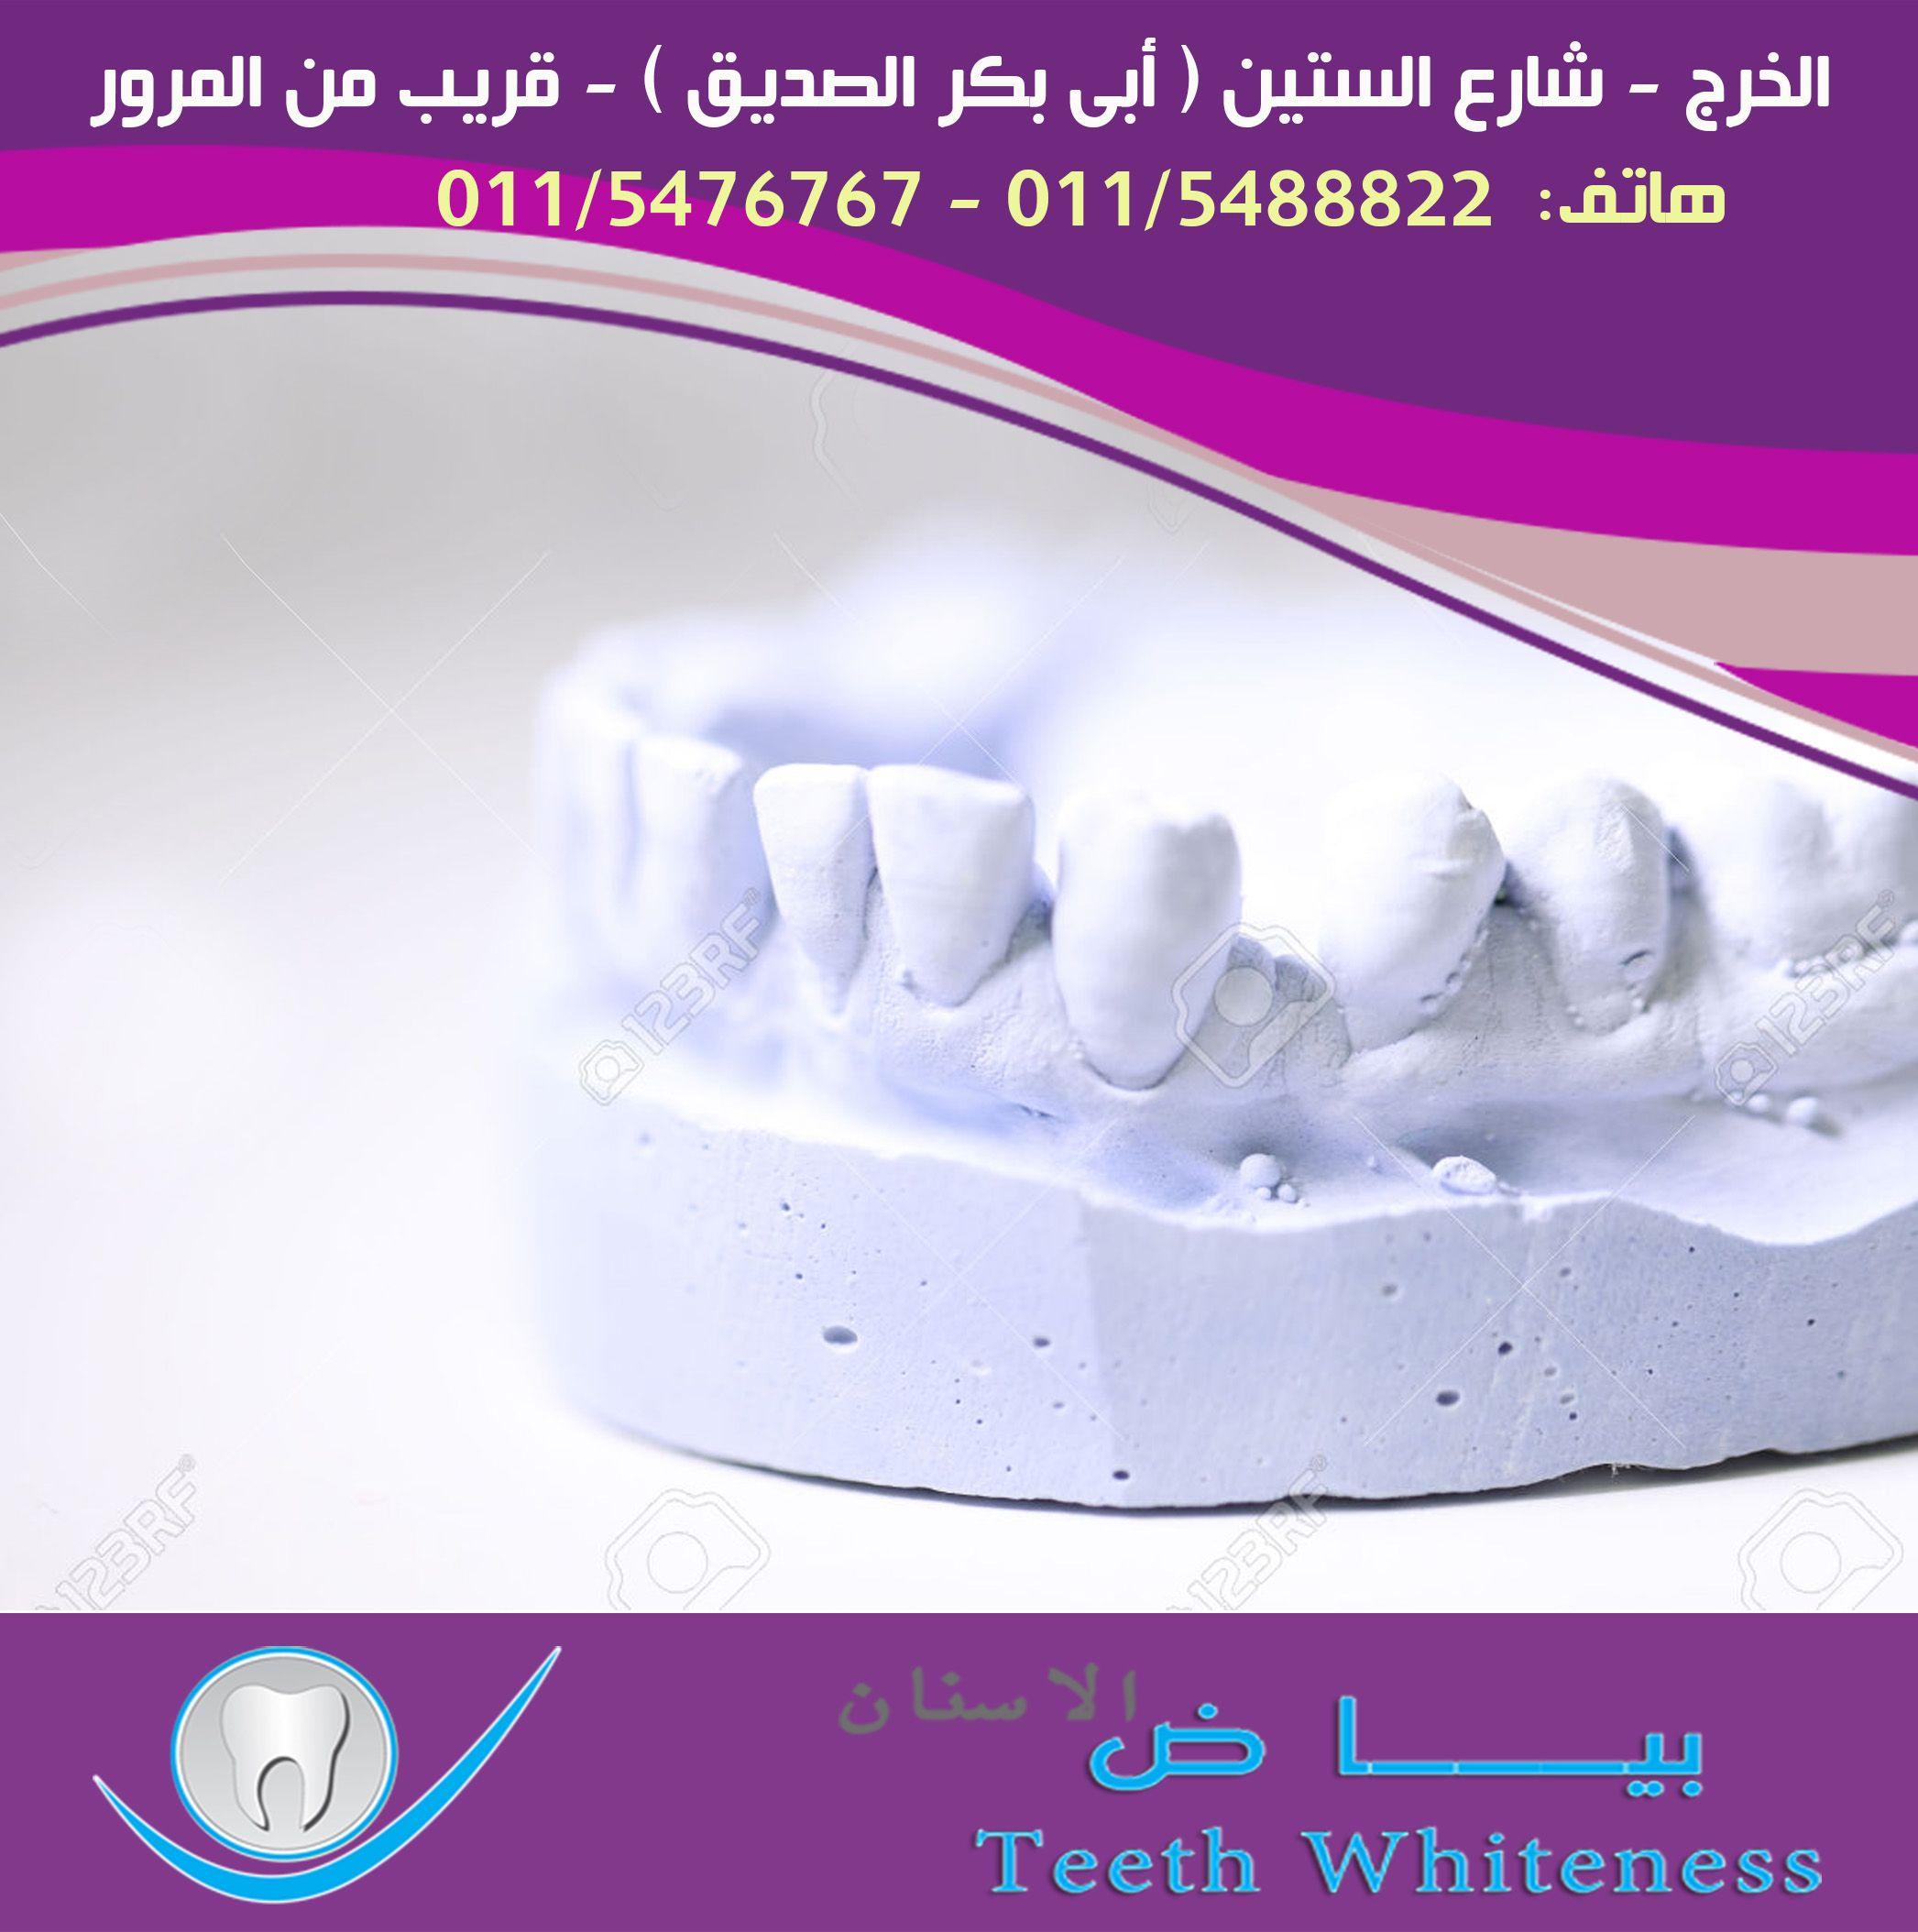 تناولى نظام غذائى صحى ومتوازن من أجل أسنانك ونمو جنينك حيث أن أسنان طفلك الأولية يبدأ نموها أثناء الحمل ومنتجات Dish Soap Convenience Store Products Dishes